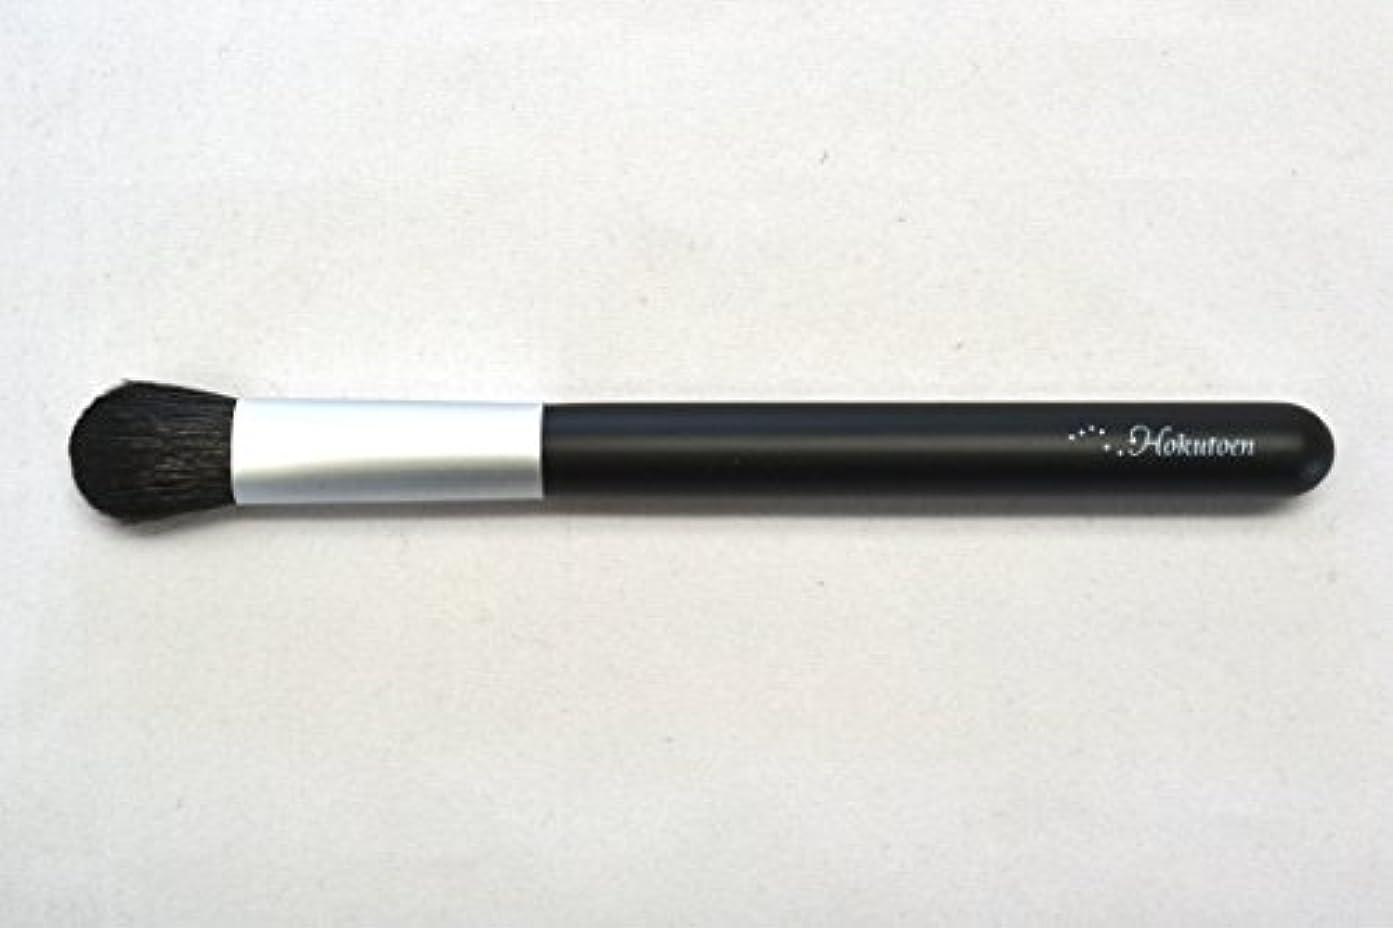 窒息させるズボン含む熊野筆 北斗園 Kシリーズ アイシャドウブラシ丸型(黒銀)